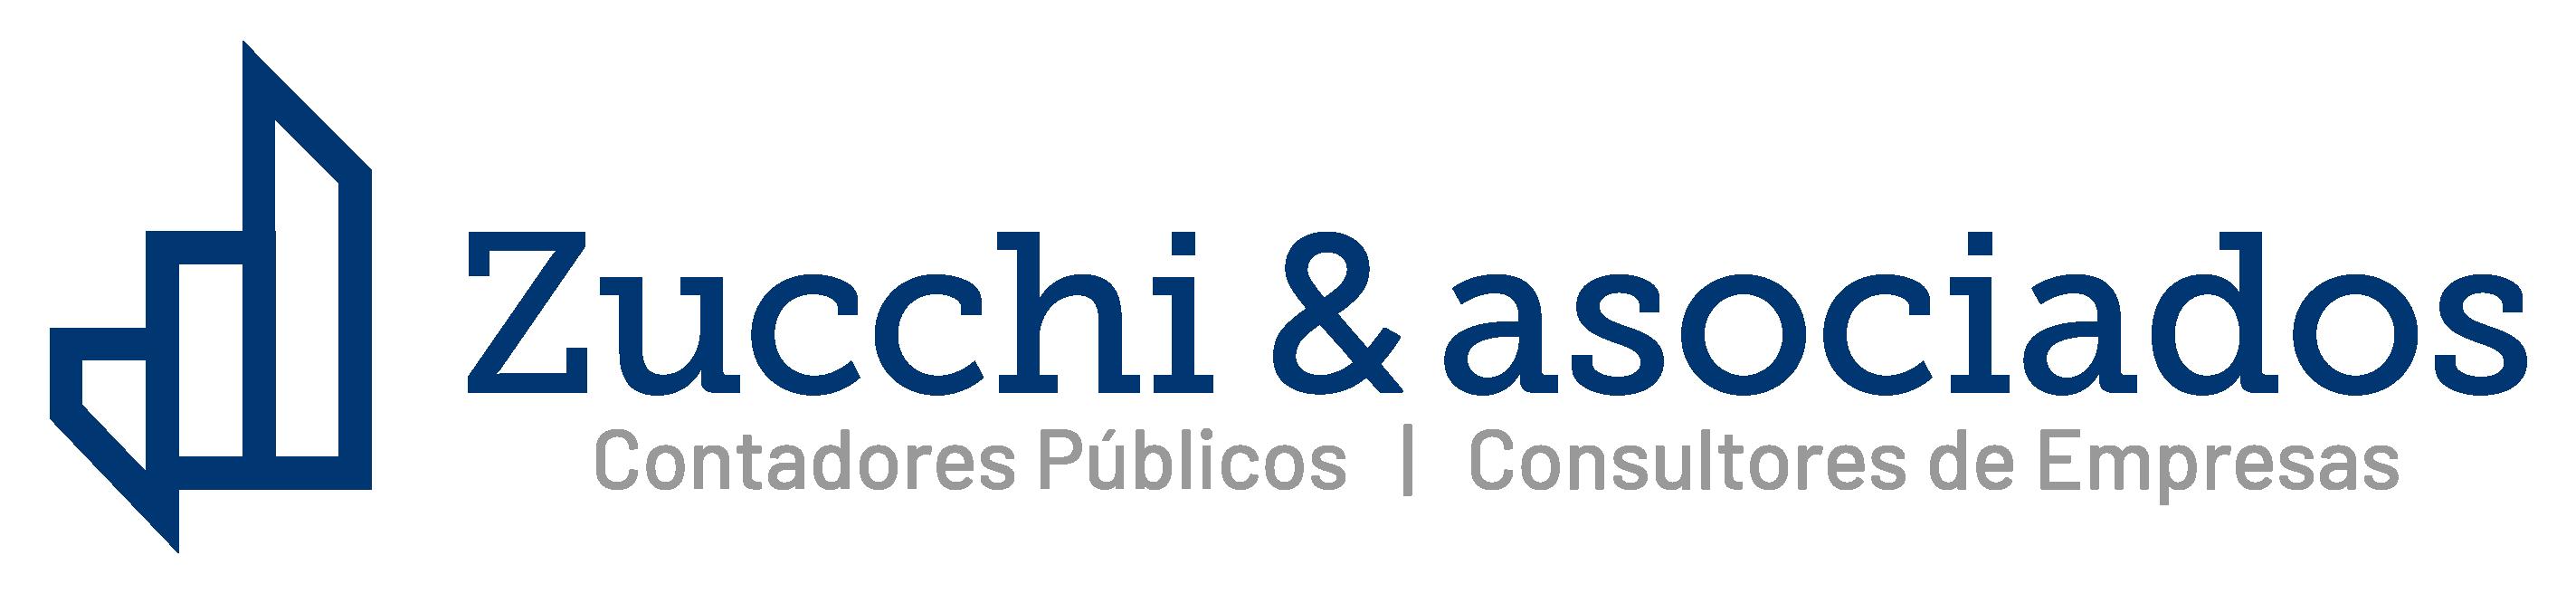 Zucchi & Asociados